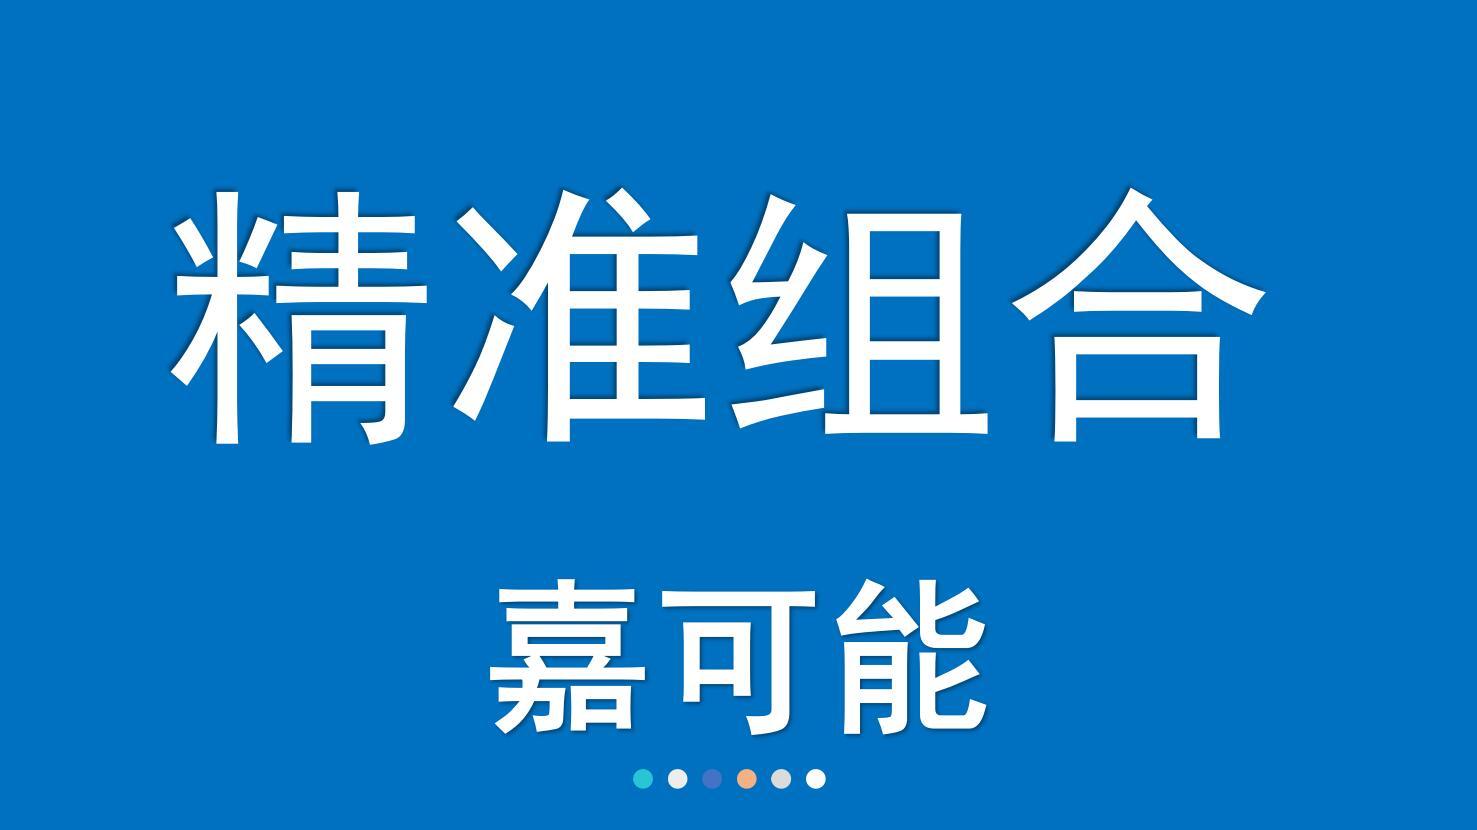 京东方A、中国中免、水井坊,缠论中枢抄底指标精准组合系统!(04月14日)